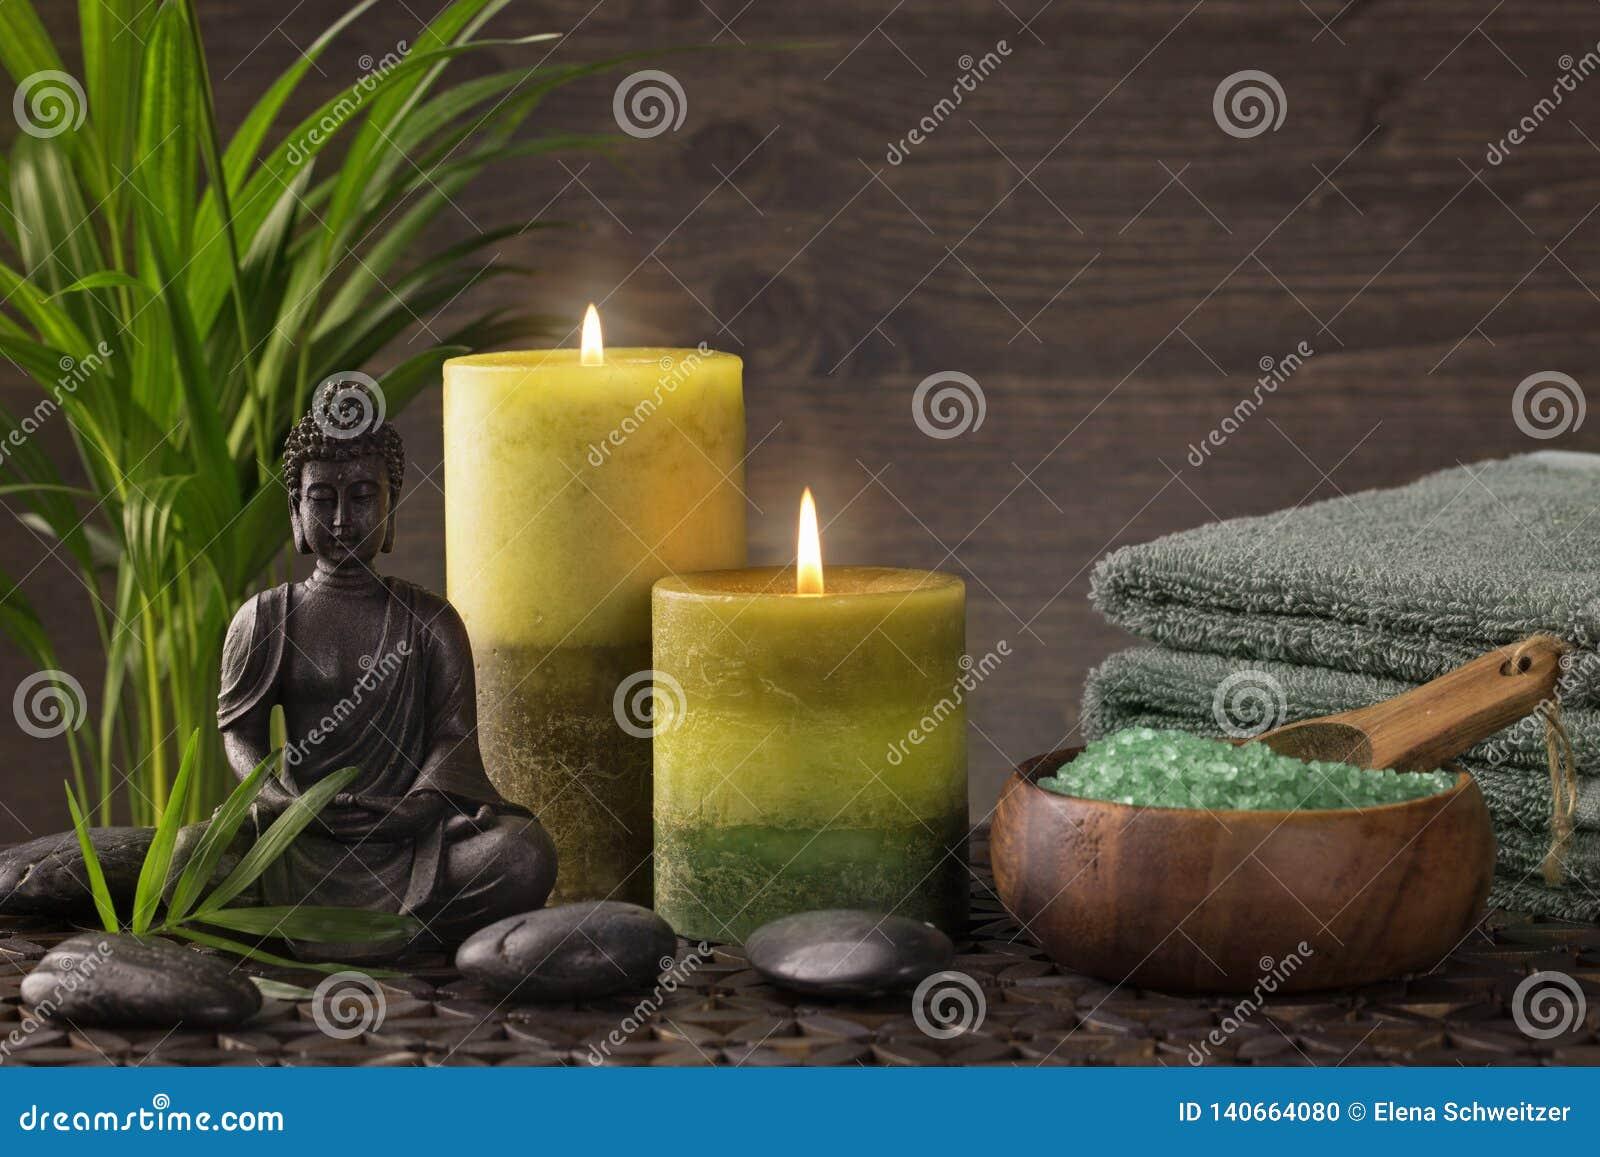 Άγαλμα, πετσέτες και κεριά του Βούδα